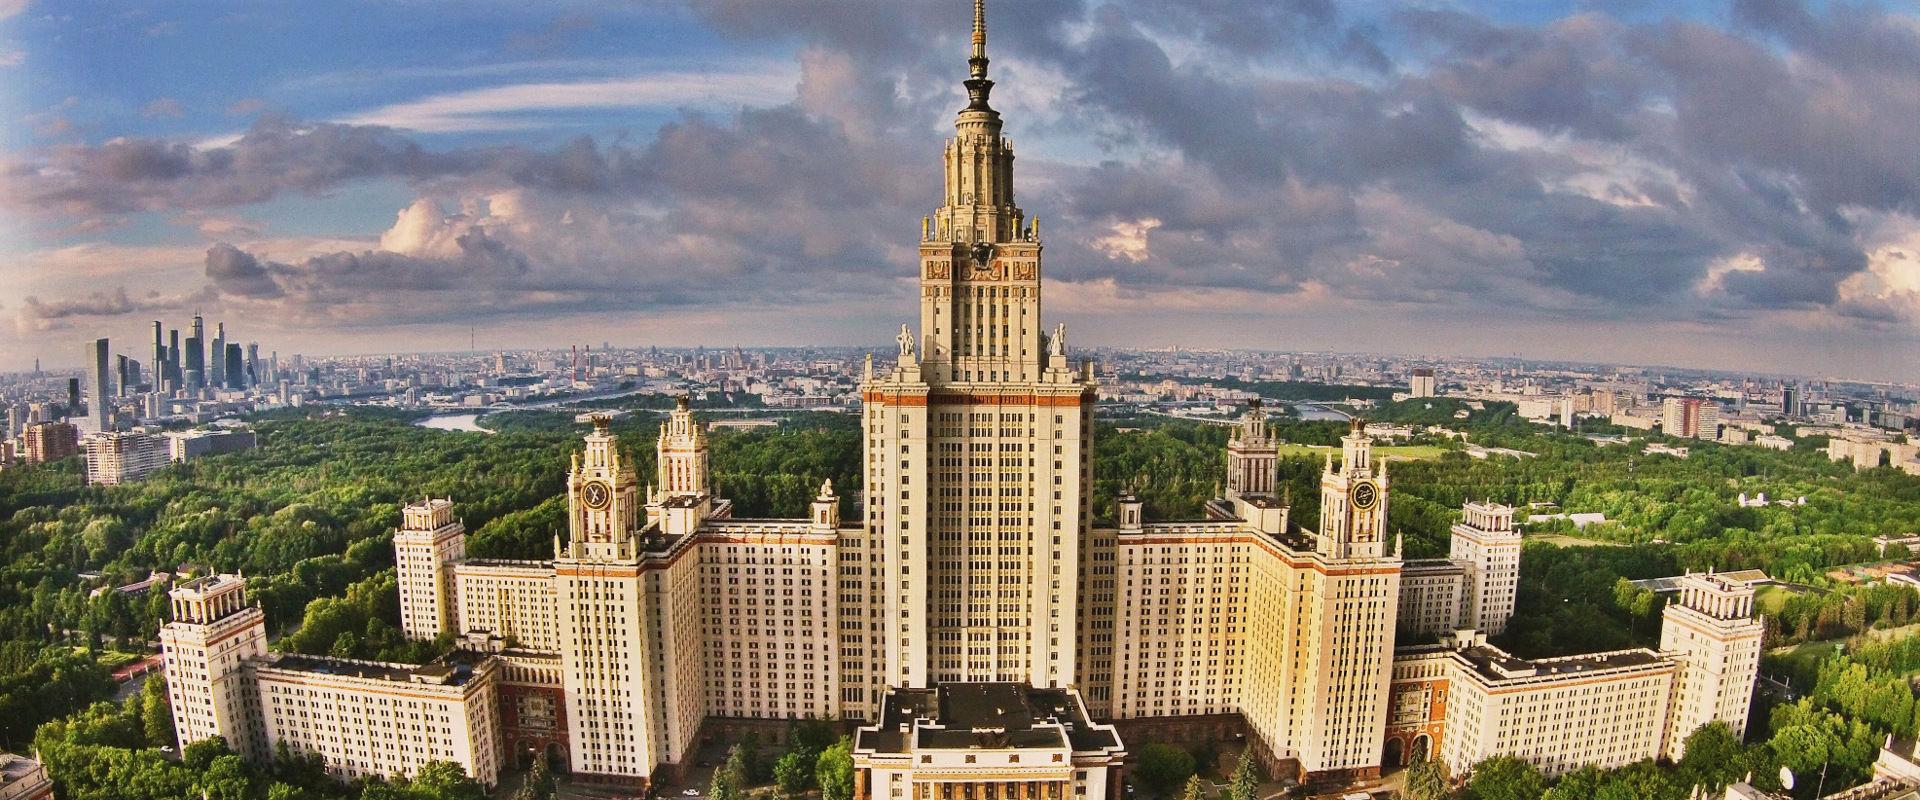 Best Universities 2020 The top 38 best universities in Russia: 2019 rankings | Study.EU